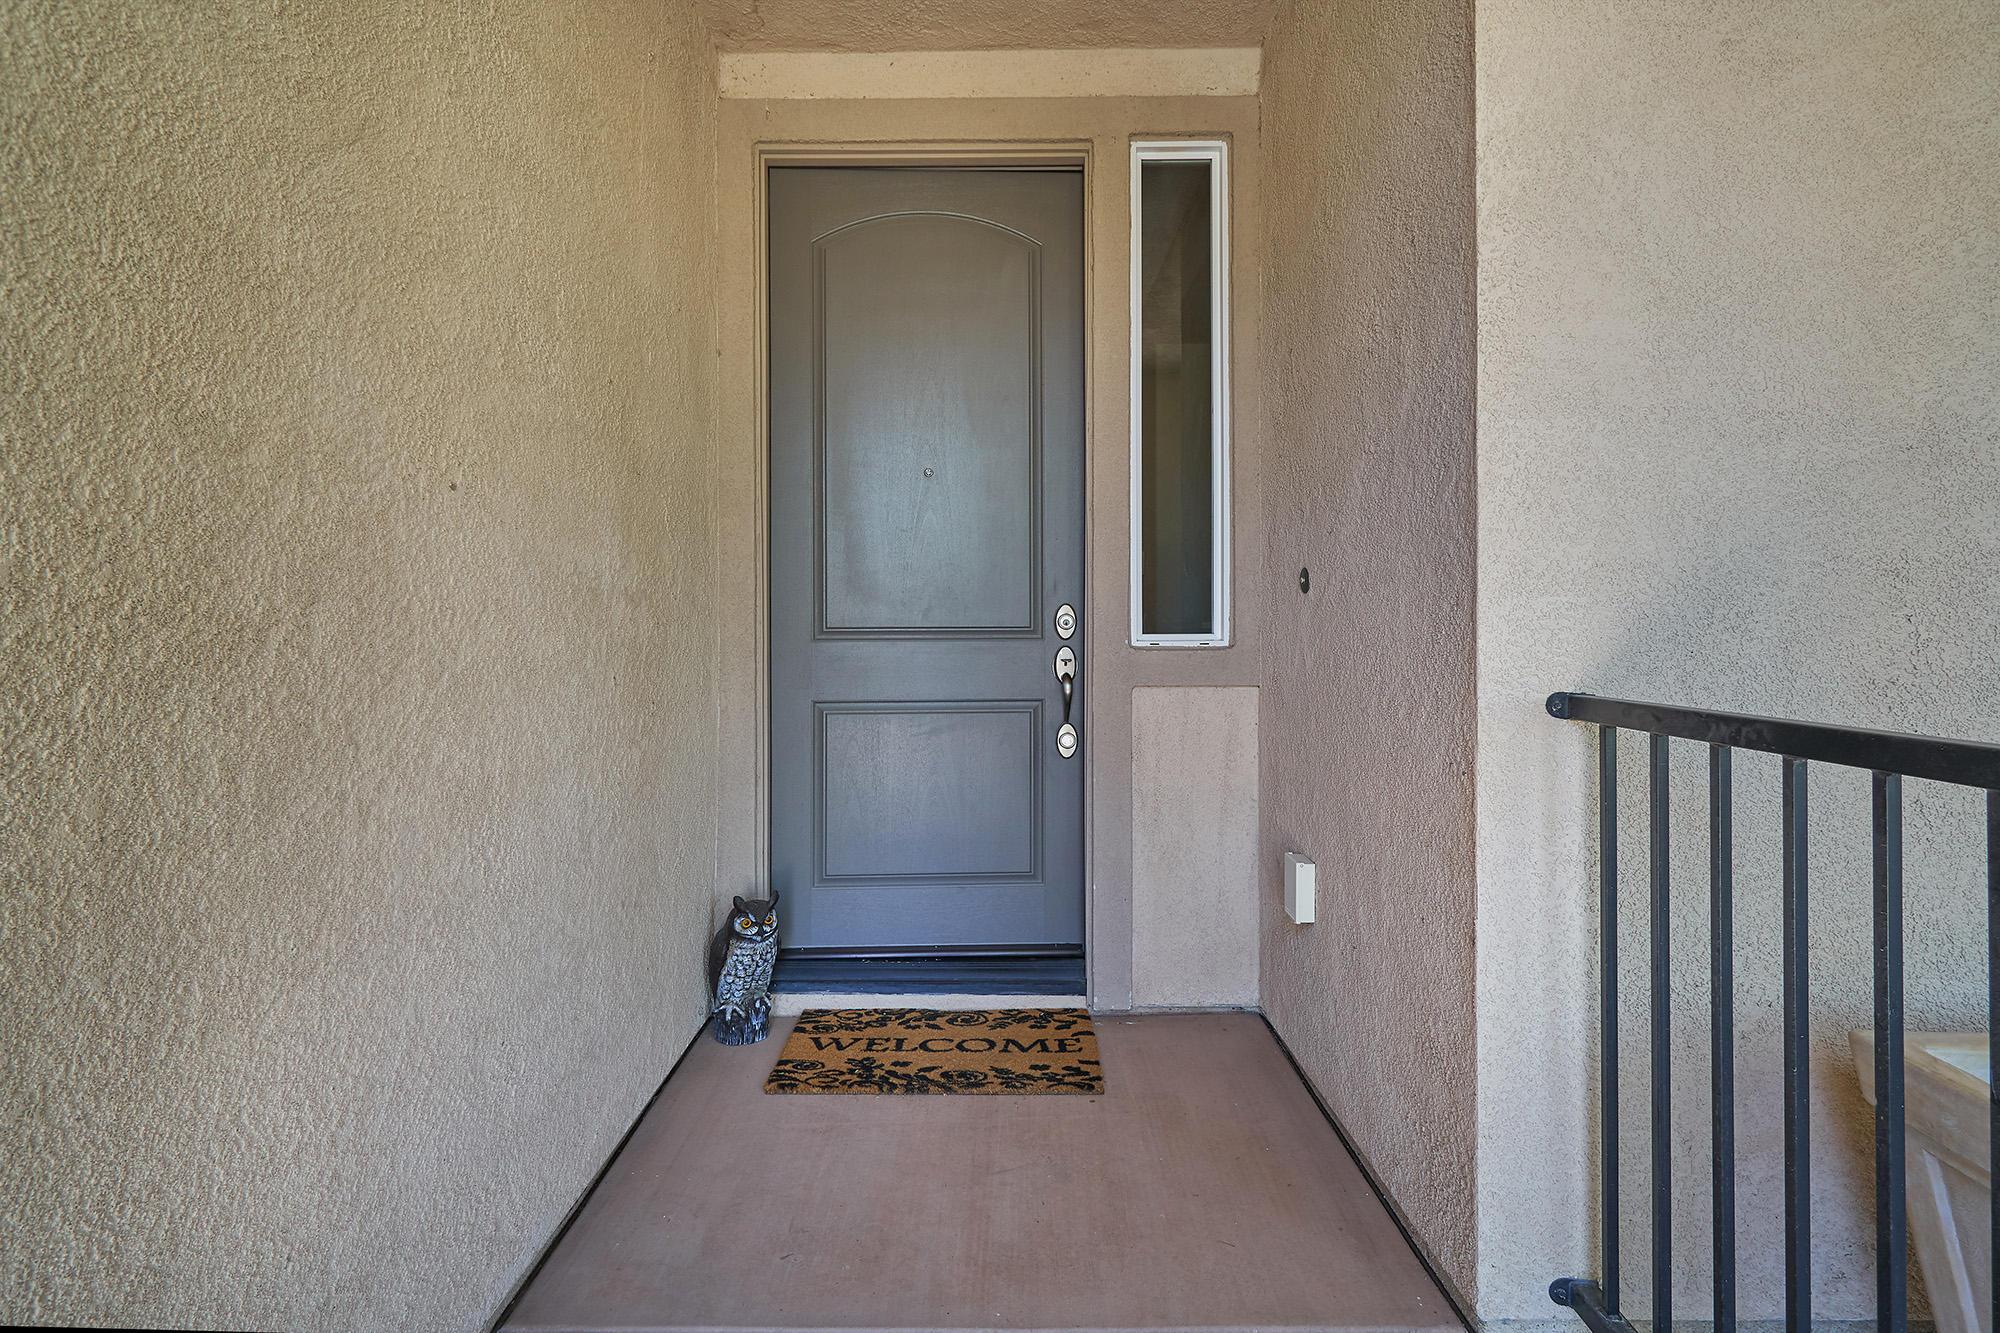 67901 Rio Vista Drive, Cathedral City, California 92234, 3 Bedrooms Bedrooms, ,3 BathroomsBathrooms,Residential,For Sale,67901 Rio Vista Drive,19503910